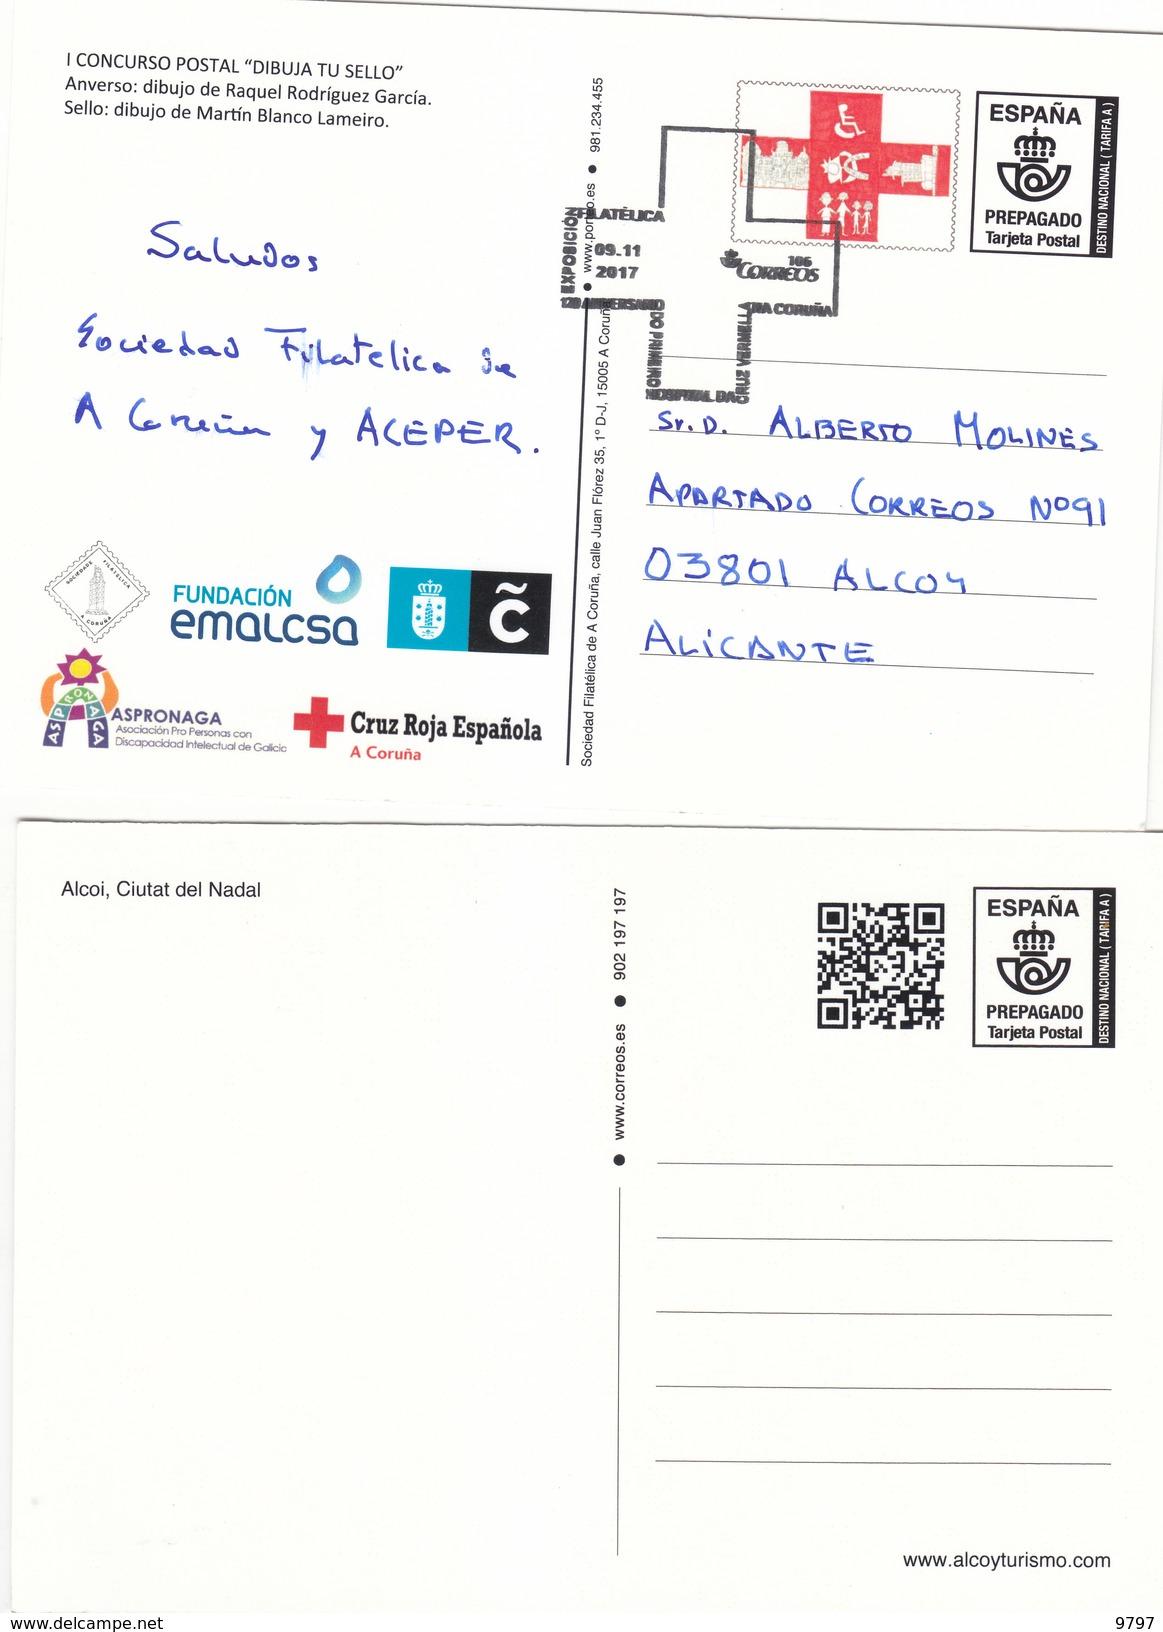 2 TARJETA POSTAL PREPAGO LA CORUÑA Y ALCOY 2017 - 6 TARJETAS ENTERO POSTAL NUEVAS 1988/1989 VER DESCRIPCION E IMAGEN. - 1931-....